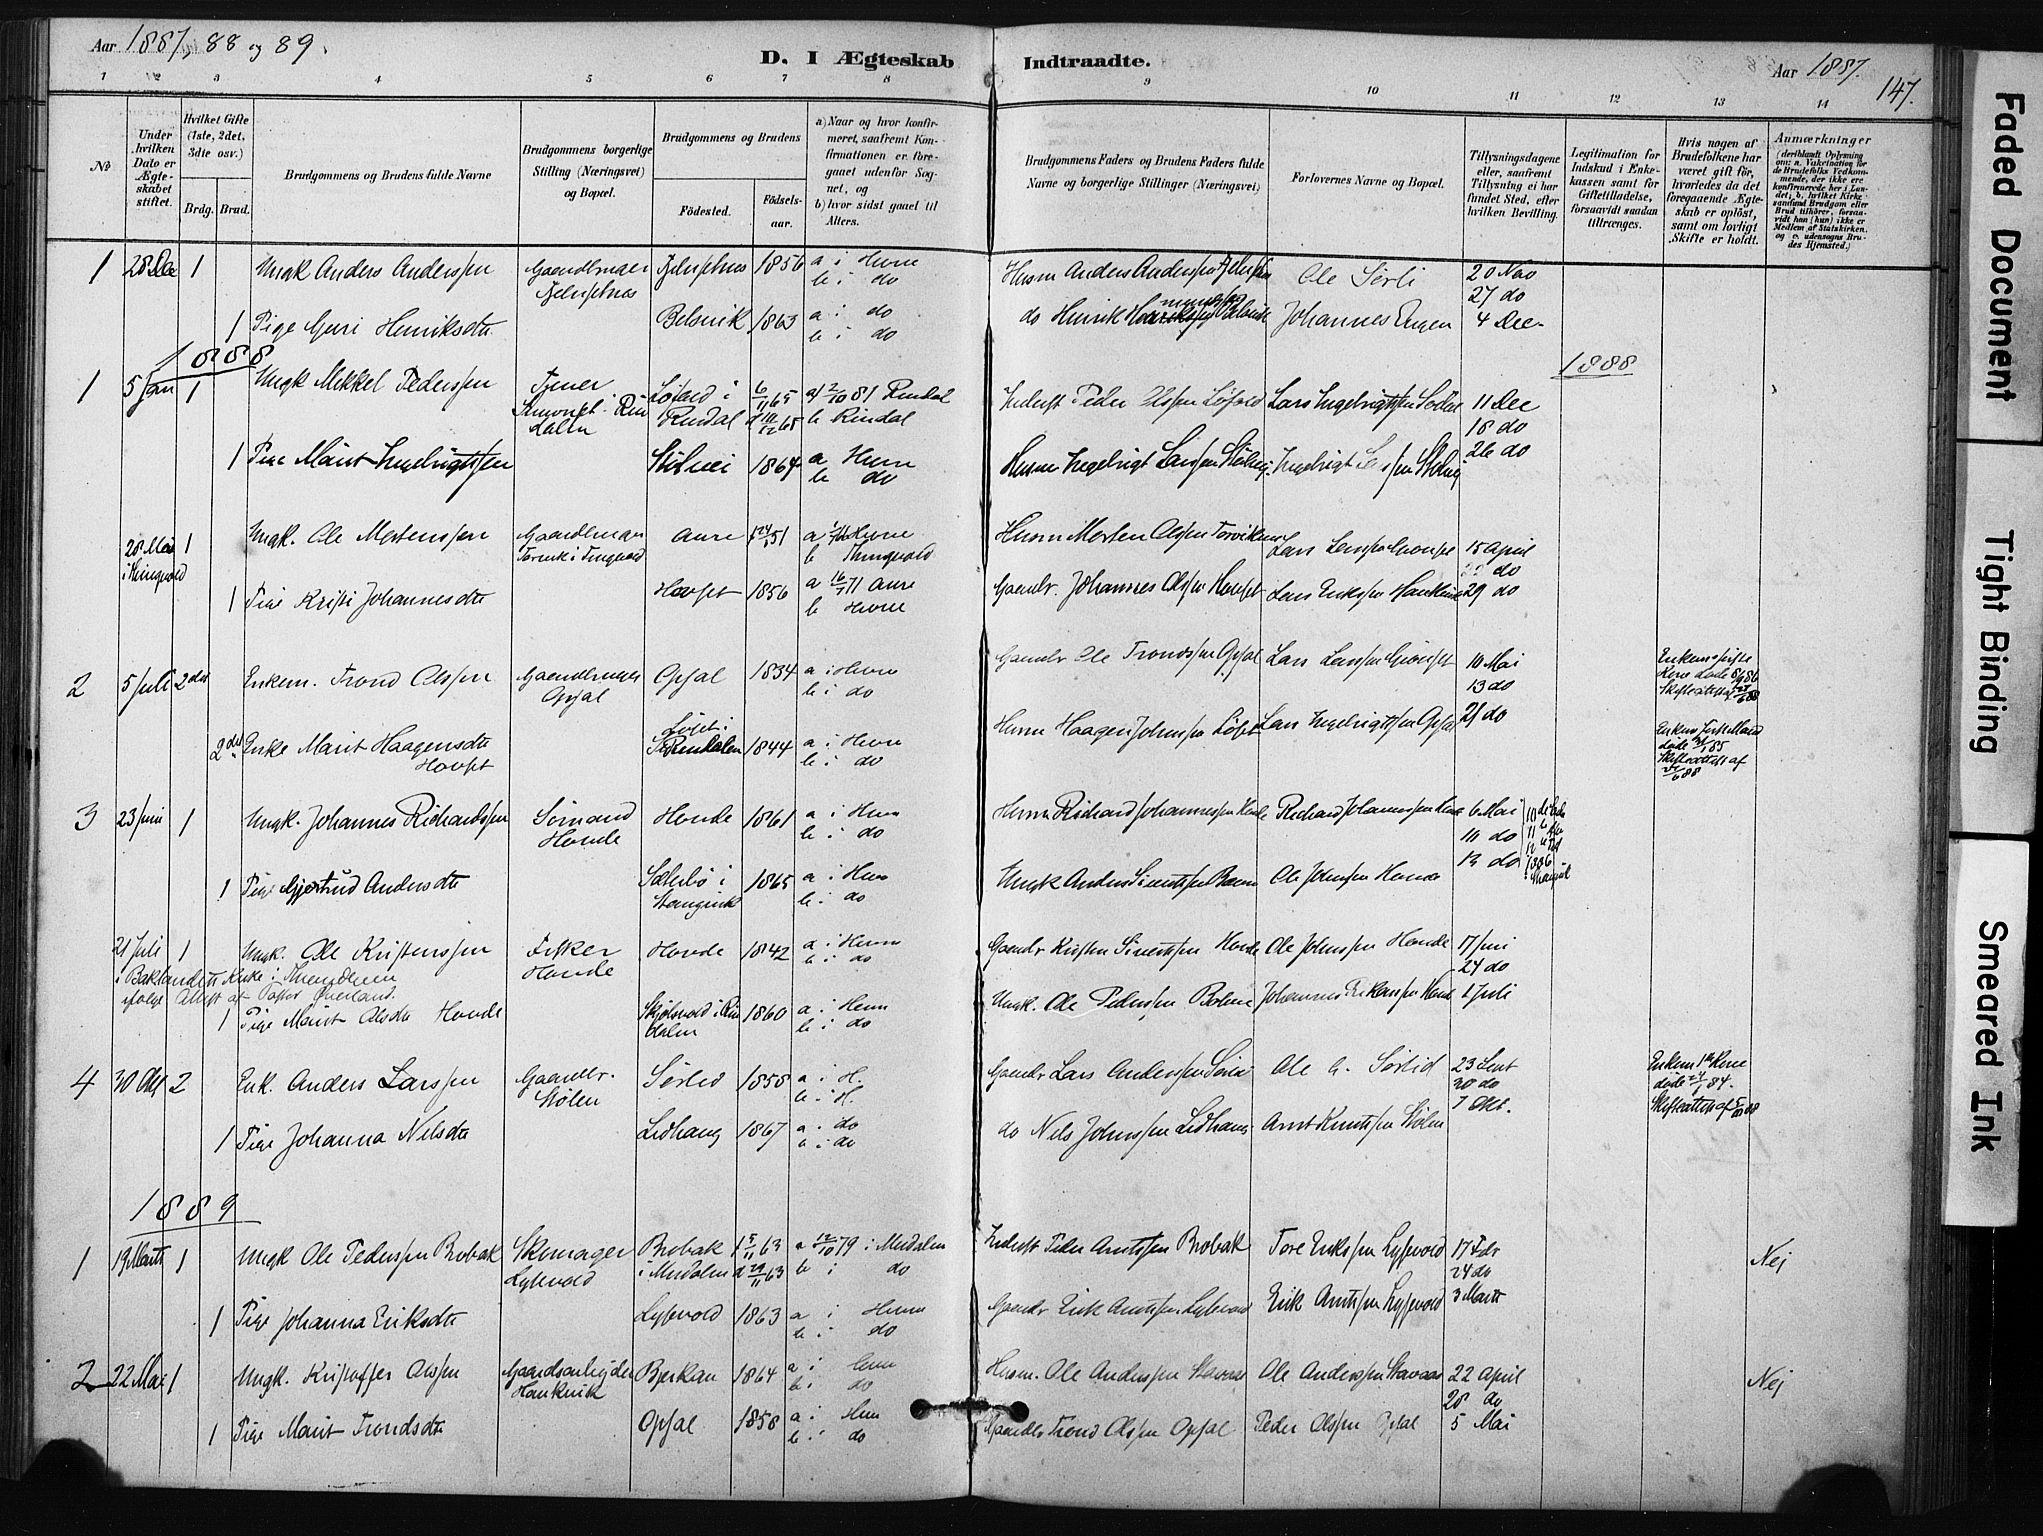 SAT, Ministerialprotokoller, klokkerbøker og fødselsregistre - Sør-Trøndelag, 631/L0512: Ministerialbok nr. 631A01, 1879-1912, s. 147